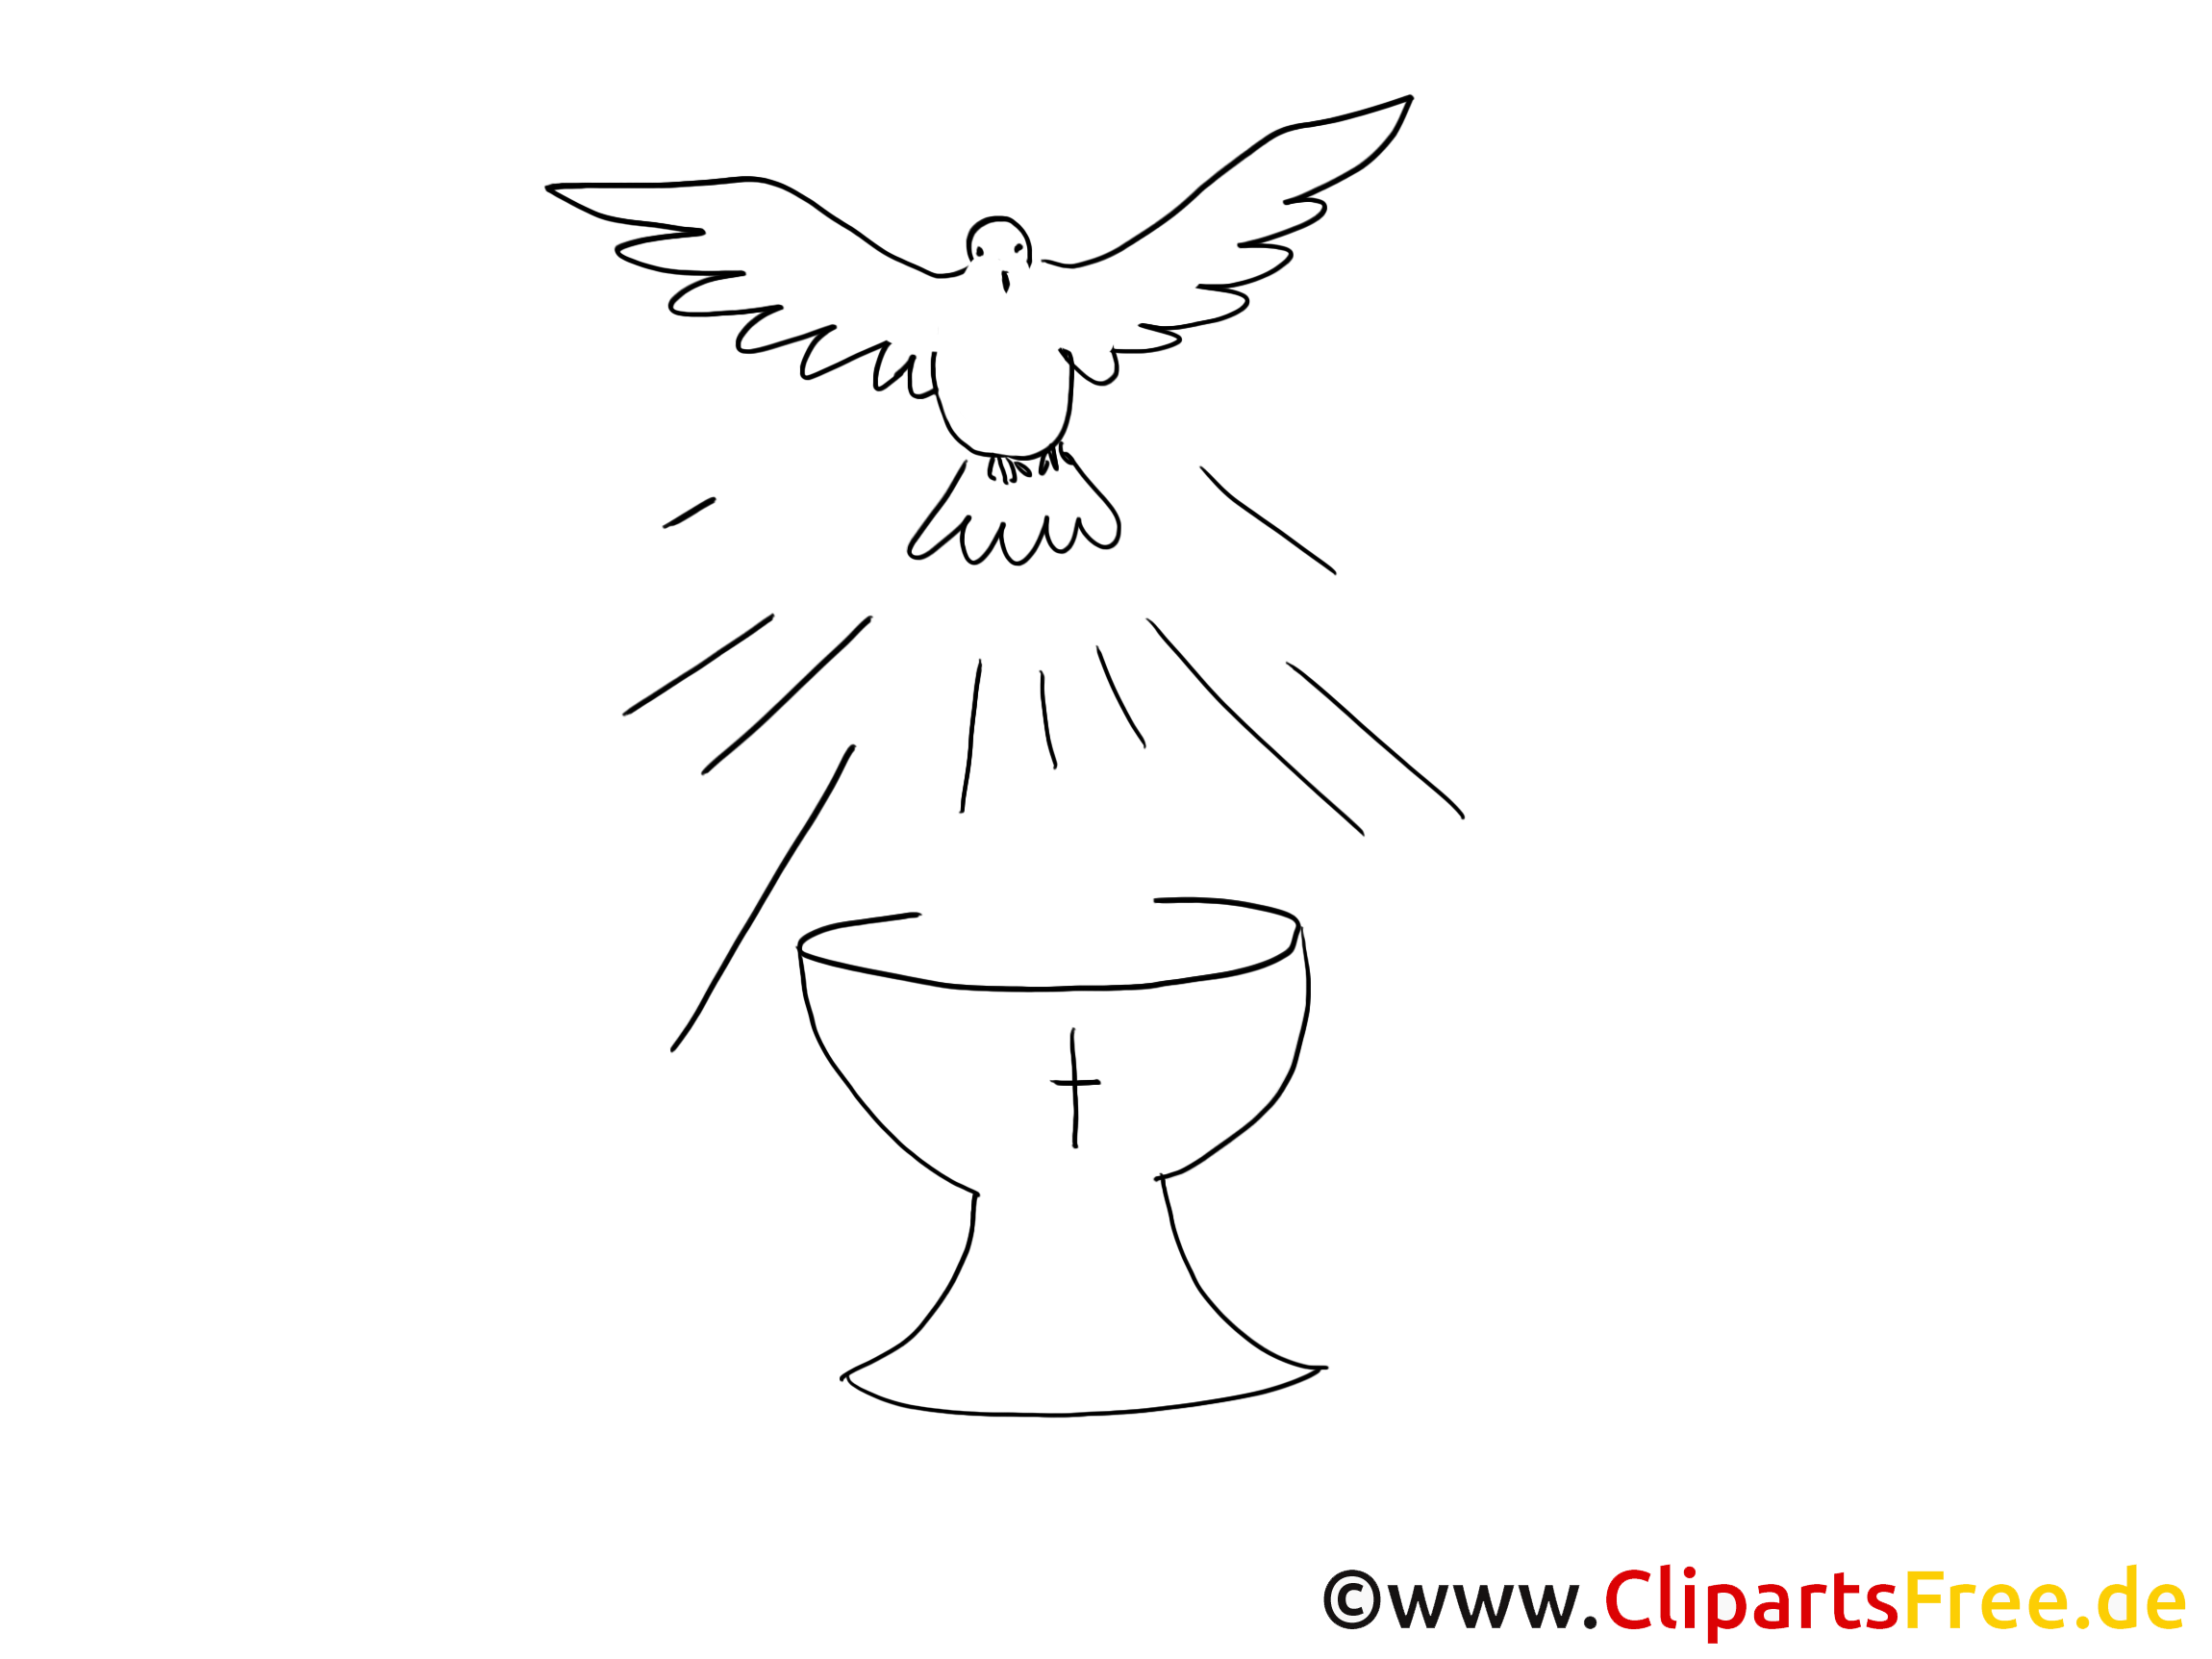 Dessins gratuits colombe bapt me colorier bapt me coloriages dessin picture image - Colombe a colorier ...